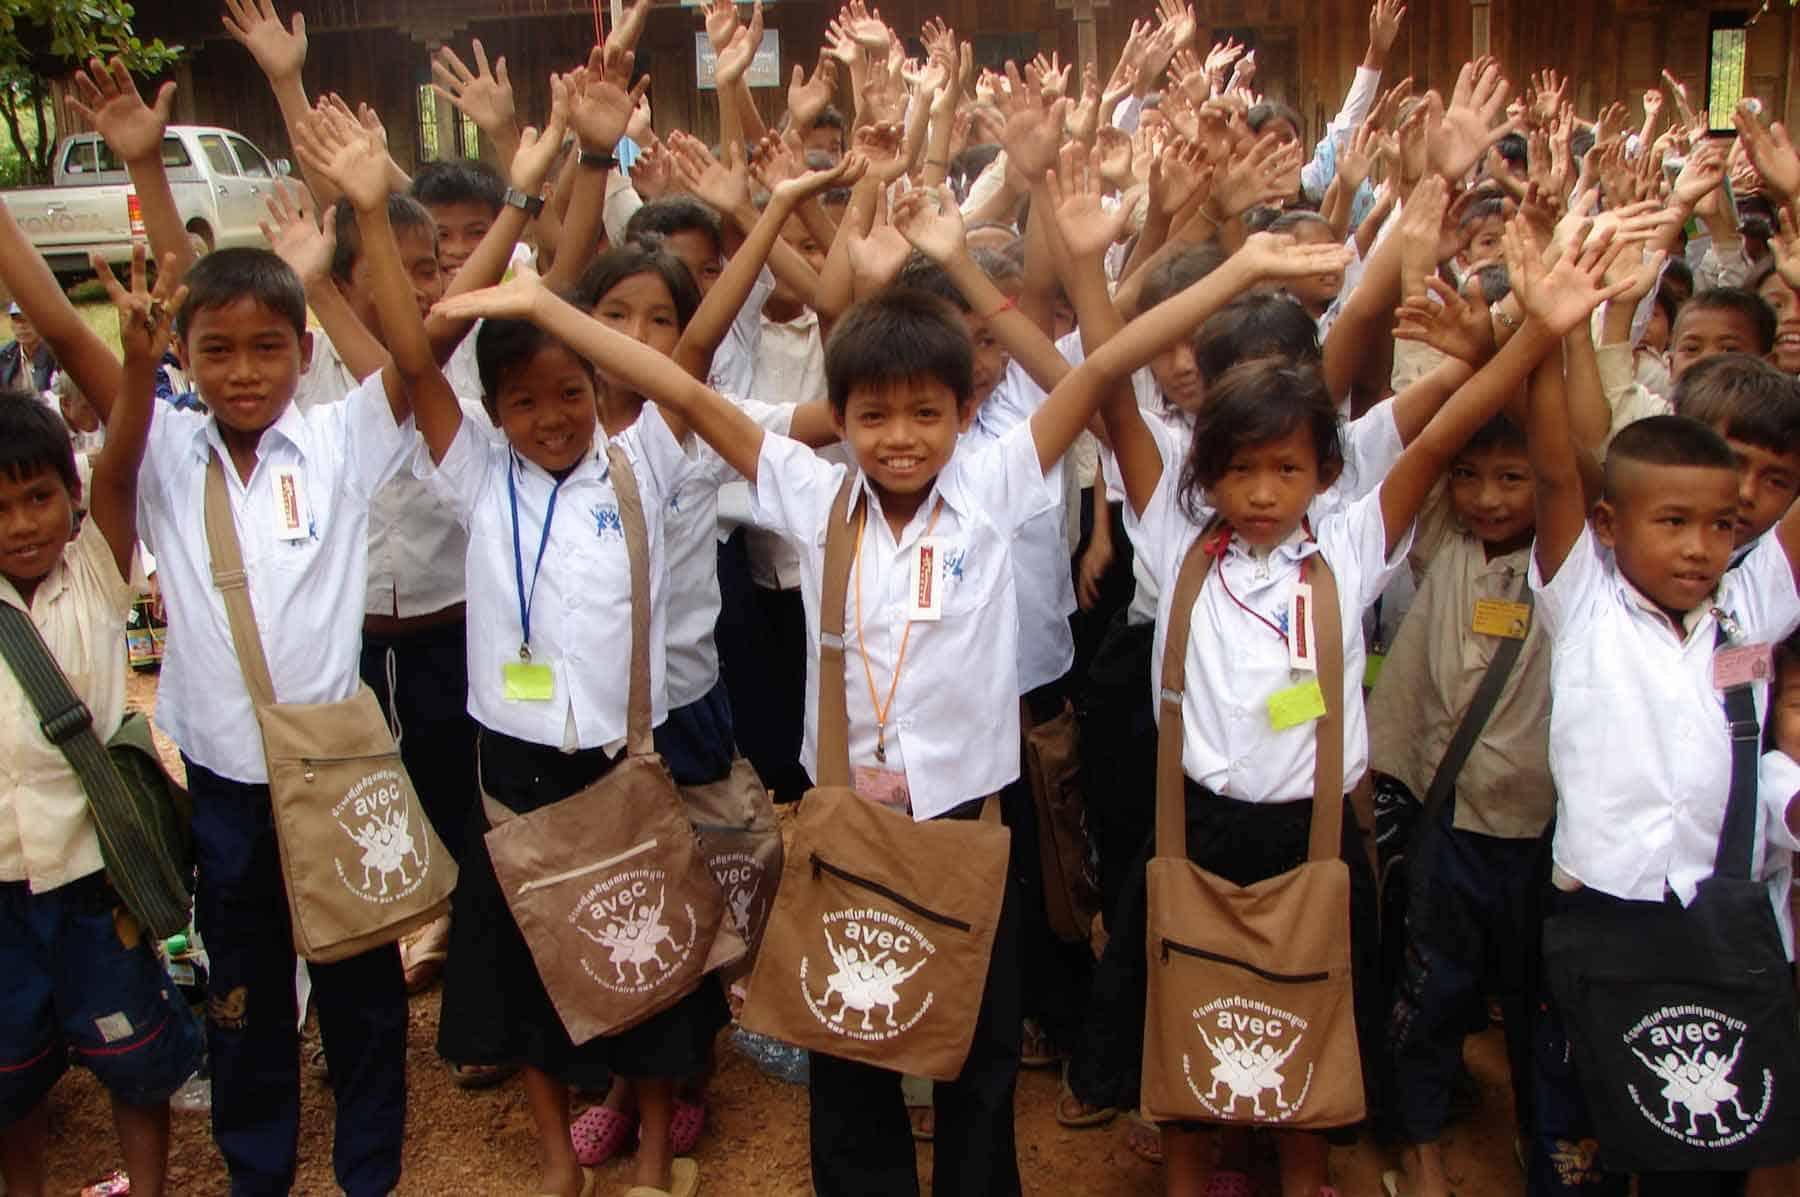 Wir sind darauf spezialisiert, arme Kinder ausfindig zu machen und auszubilden. Wir intervenieren alle zwei Monate in öffentlichen Schulen in Kambodscha, in denen viele Kinder unterrichtet werden.